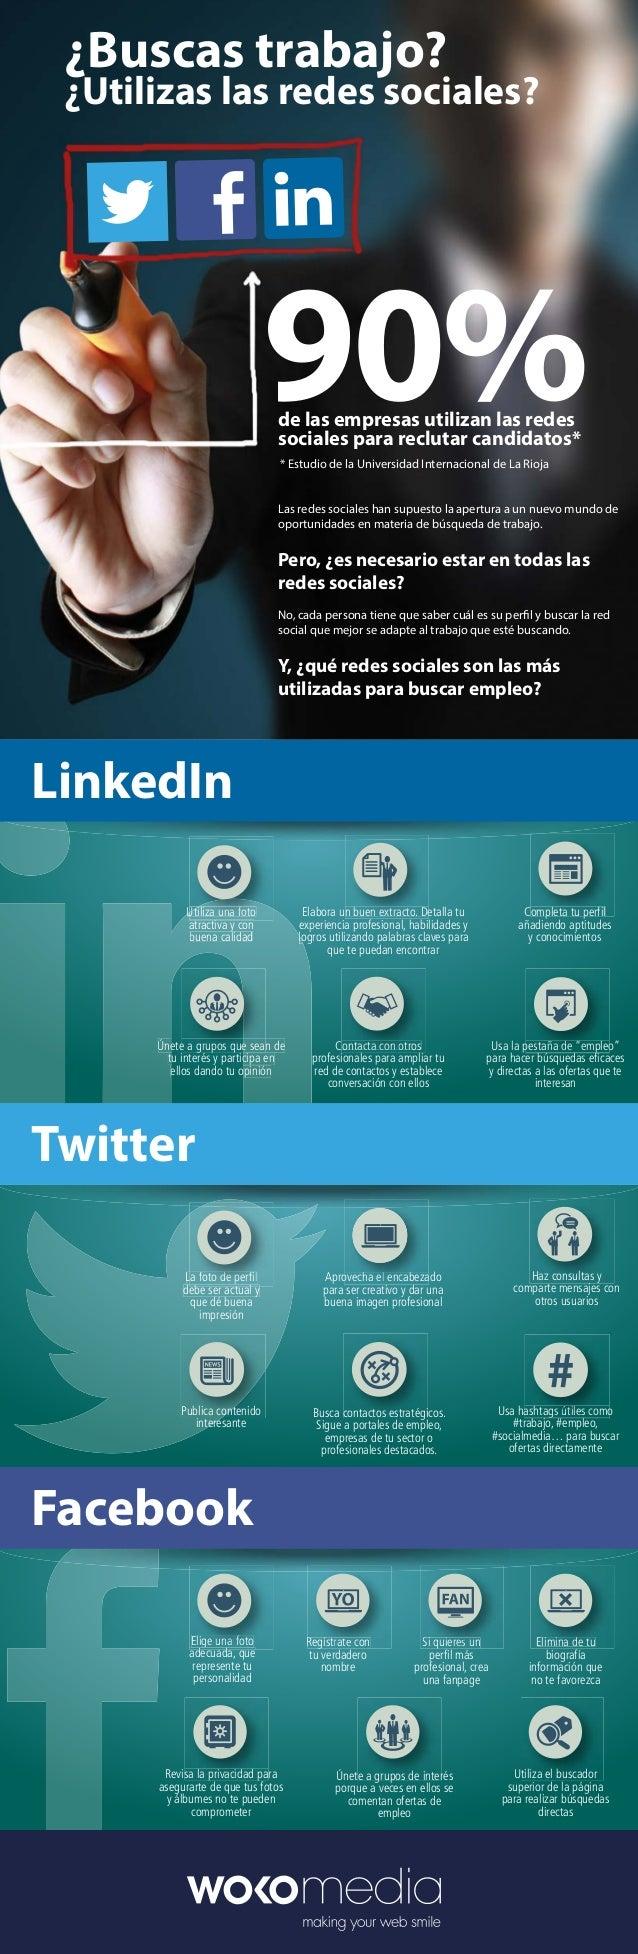 ¿Cómo buscar empleo en las redes sociales?